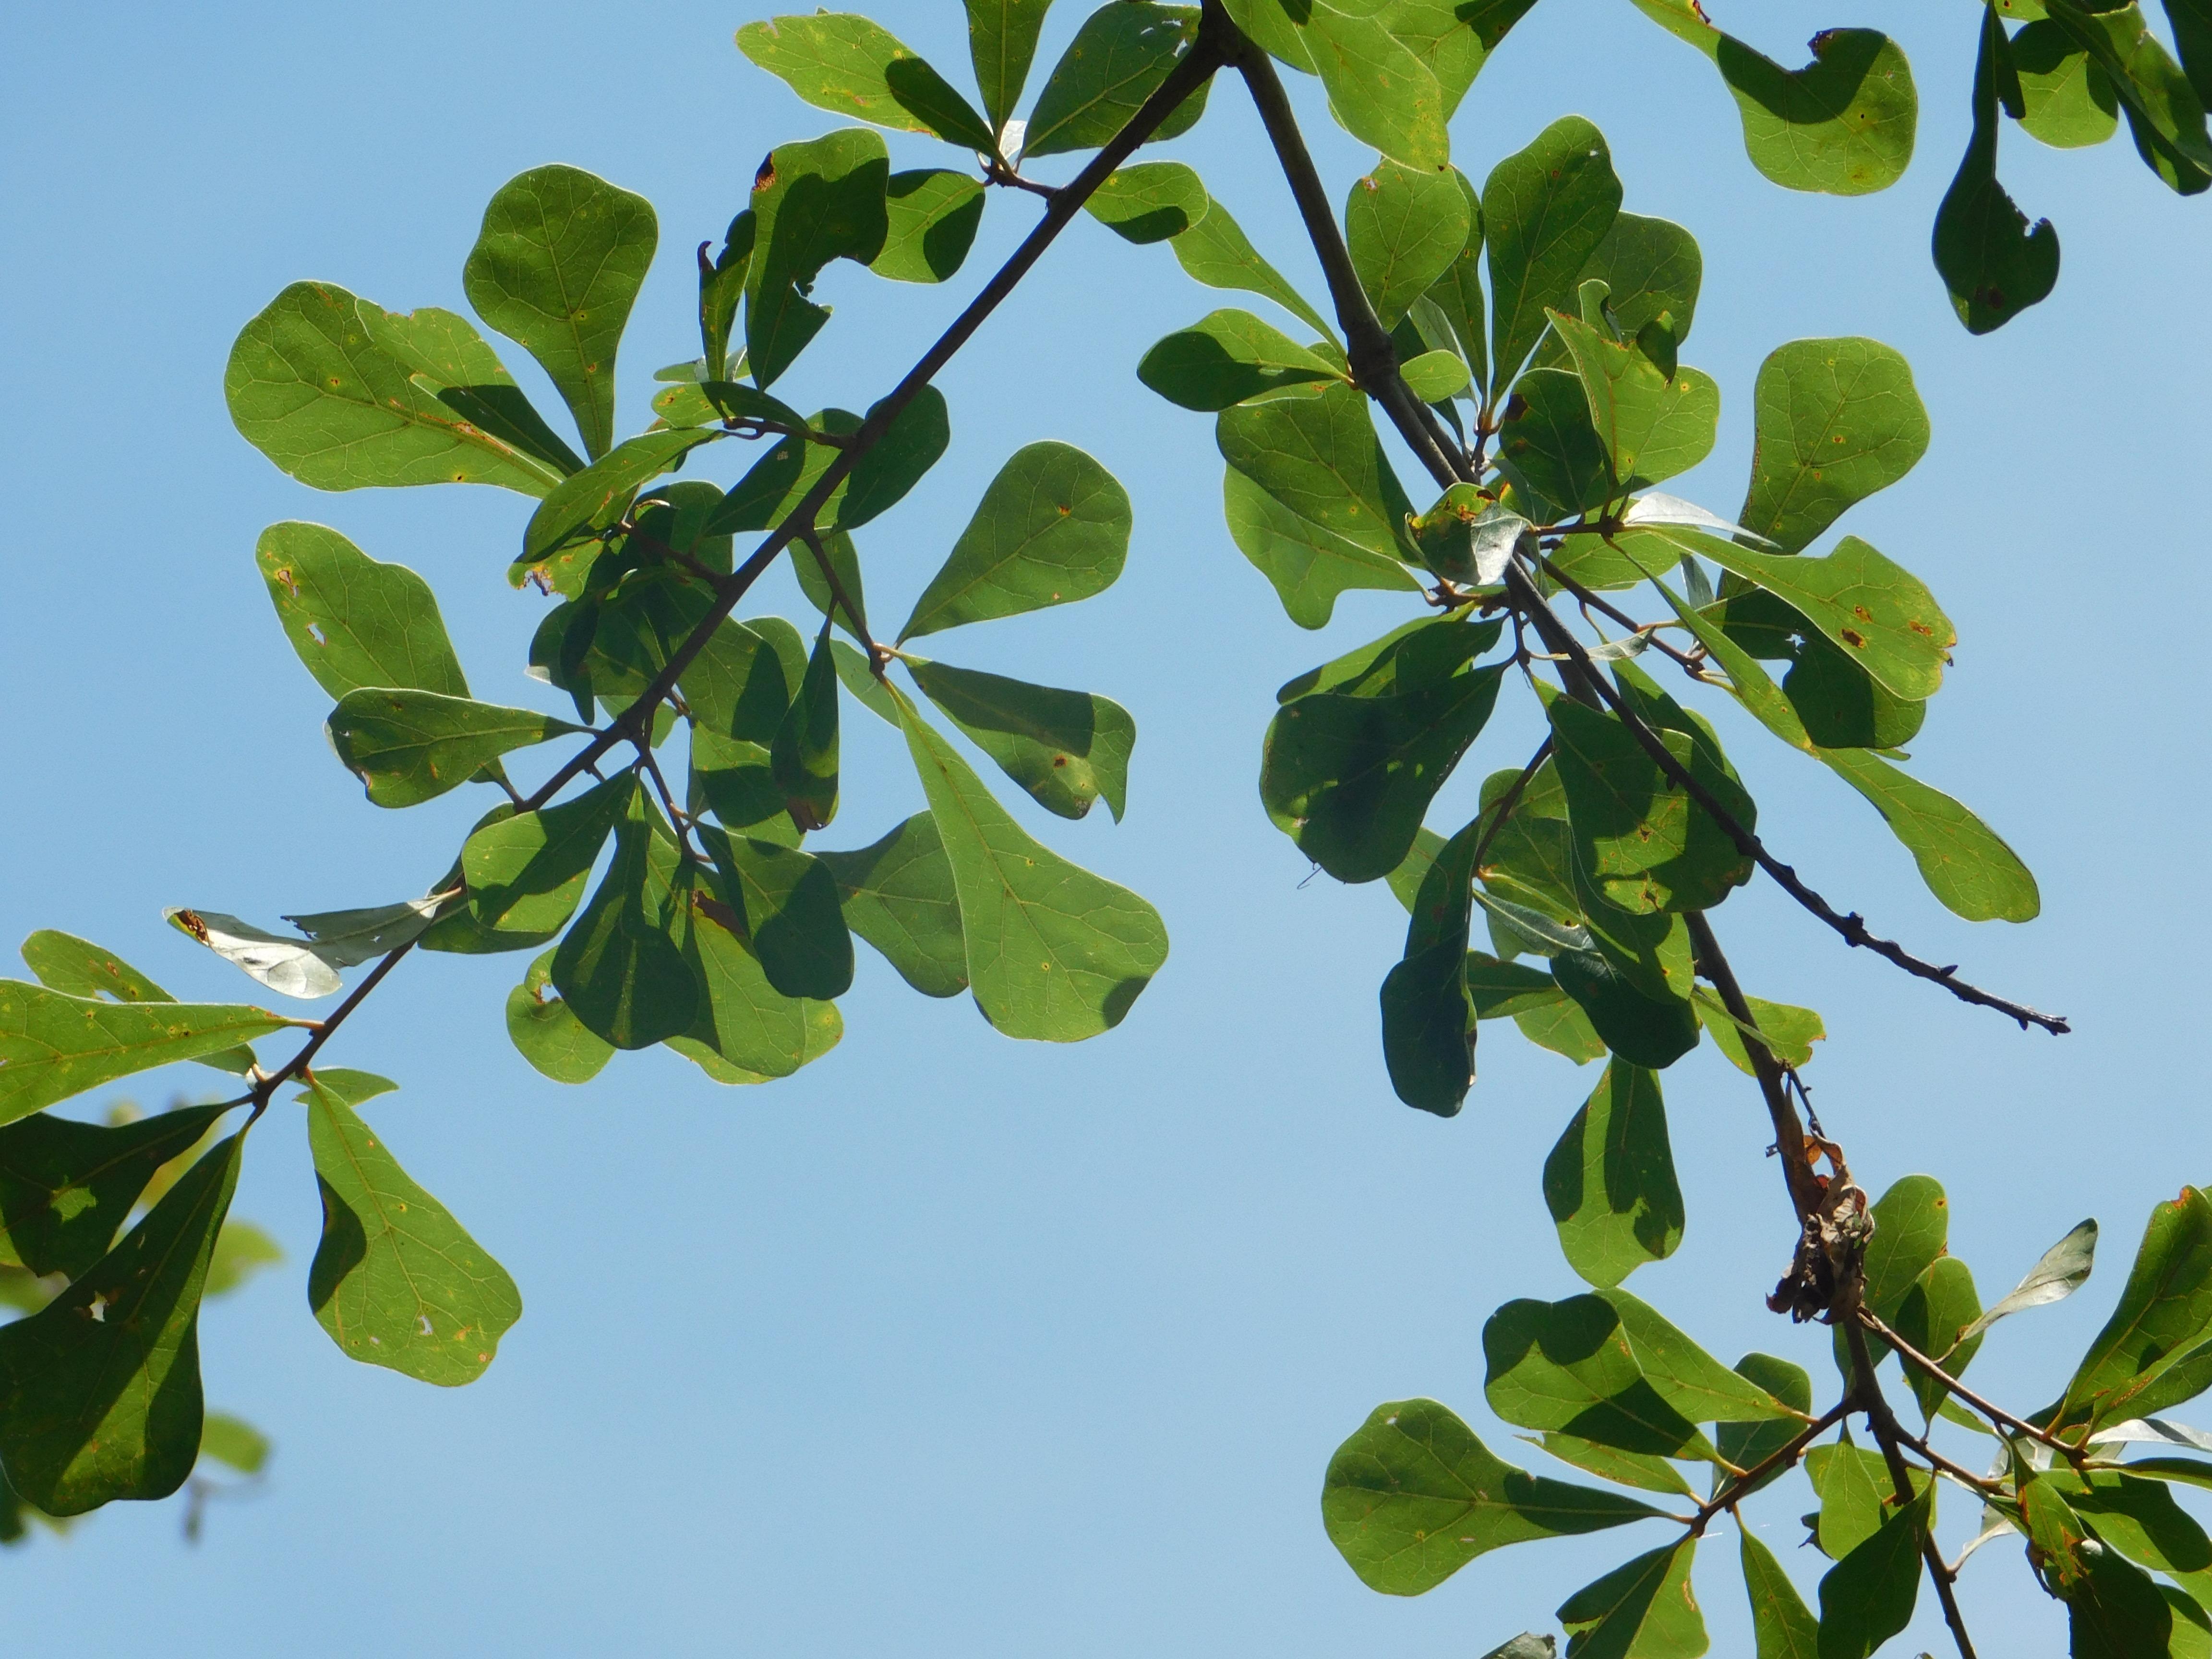 Image of a water oak